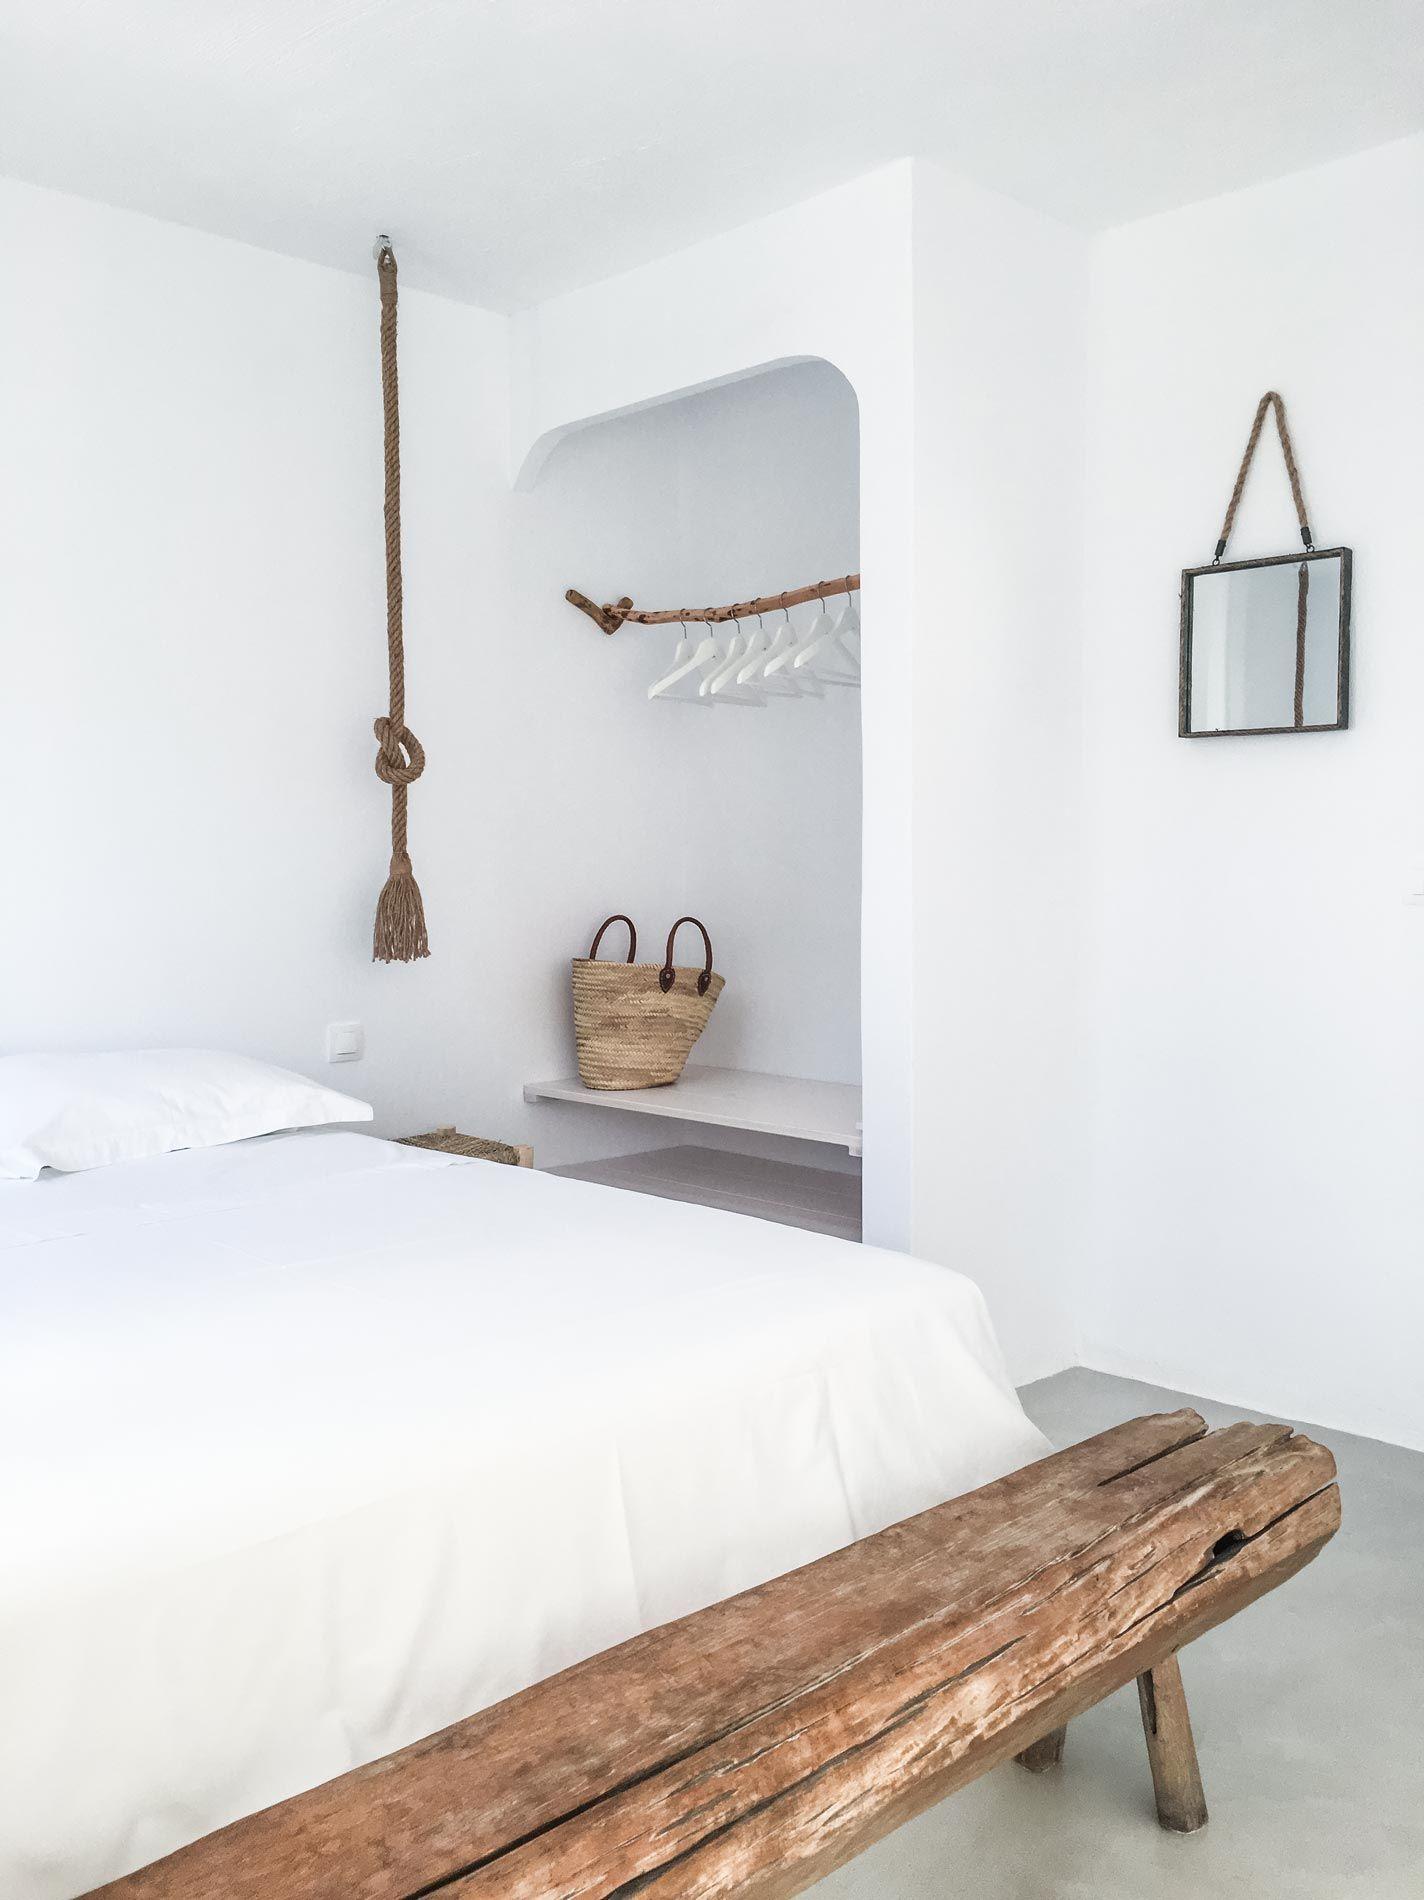 Mister Woof Loves Villa Zoe Insel Kreta Griechenland Pretty Hotels Minimalistisch Wohnen Dekor Haus Umbau